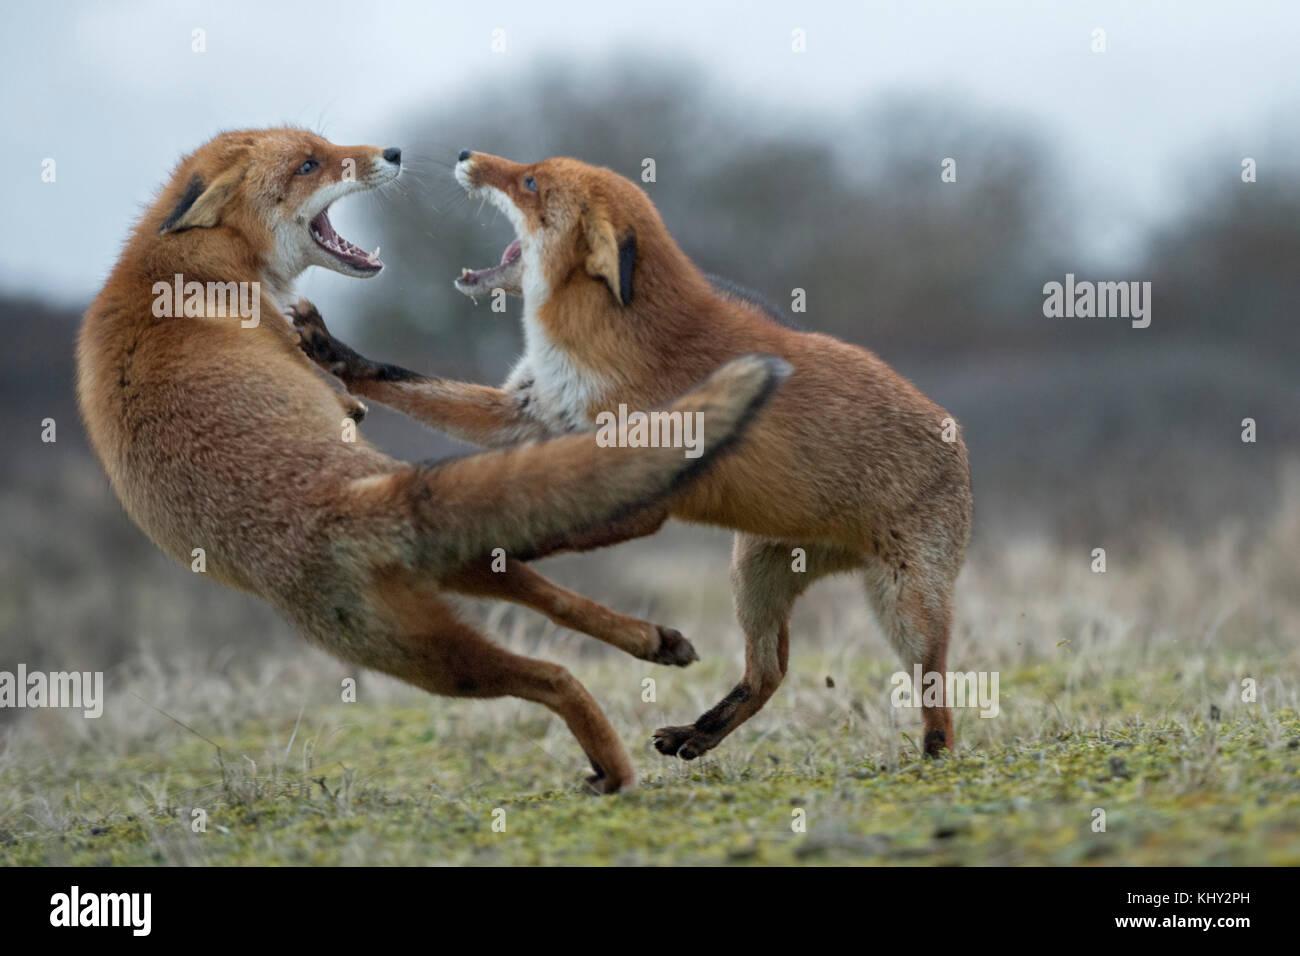 Red Foxes (Vulpes vulpes), zwei Erwachsene in aggressiven kämpfen, kämpfen, droht mit weit geöffnetem Stockbild